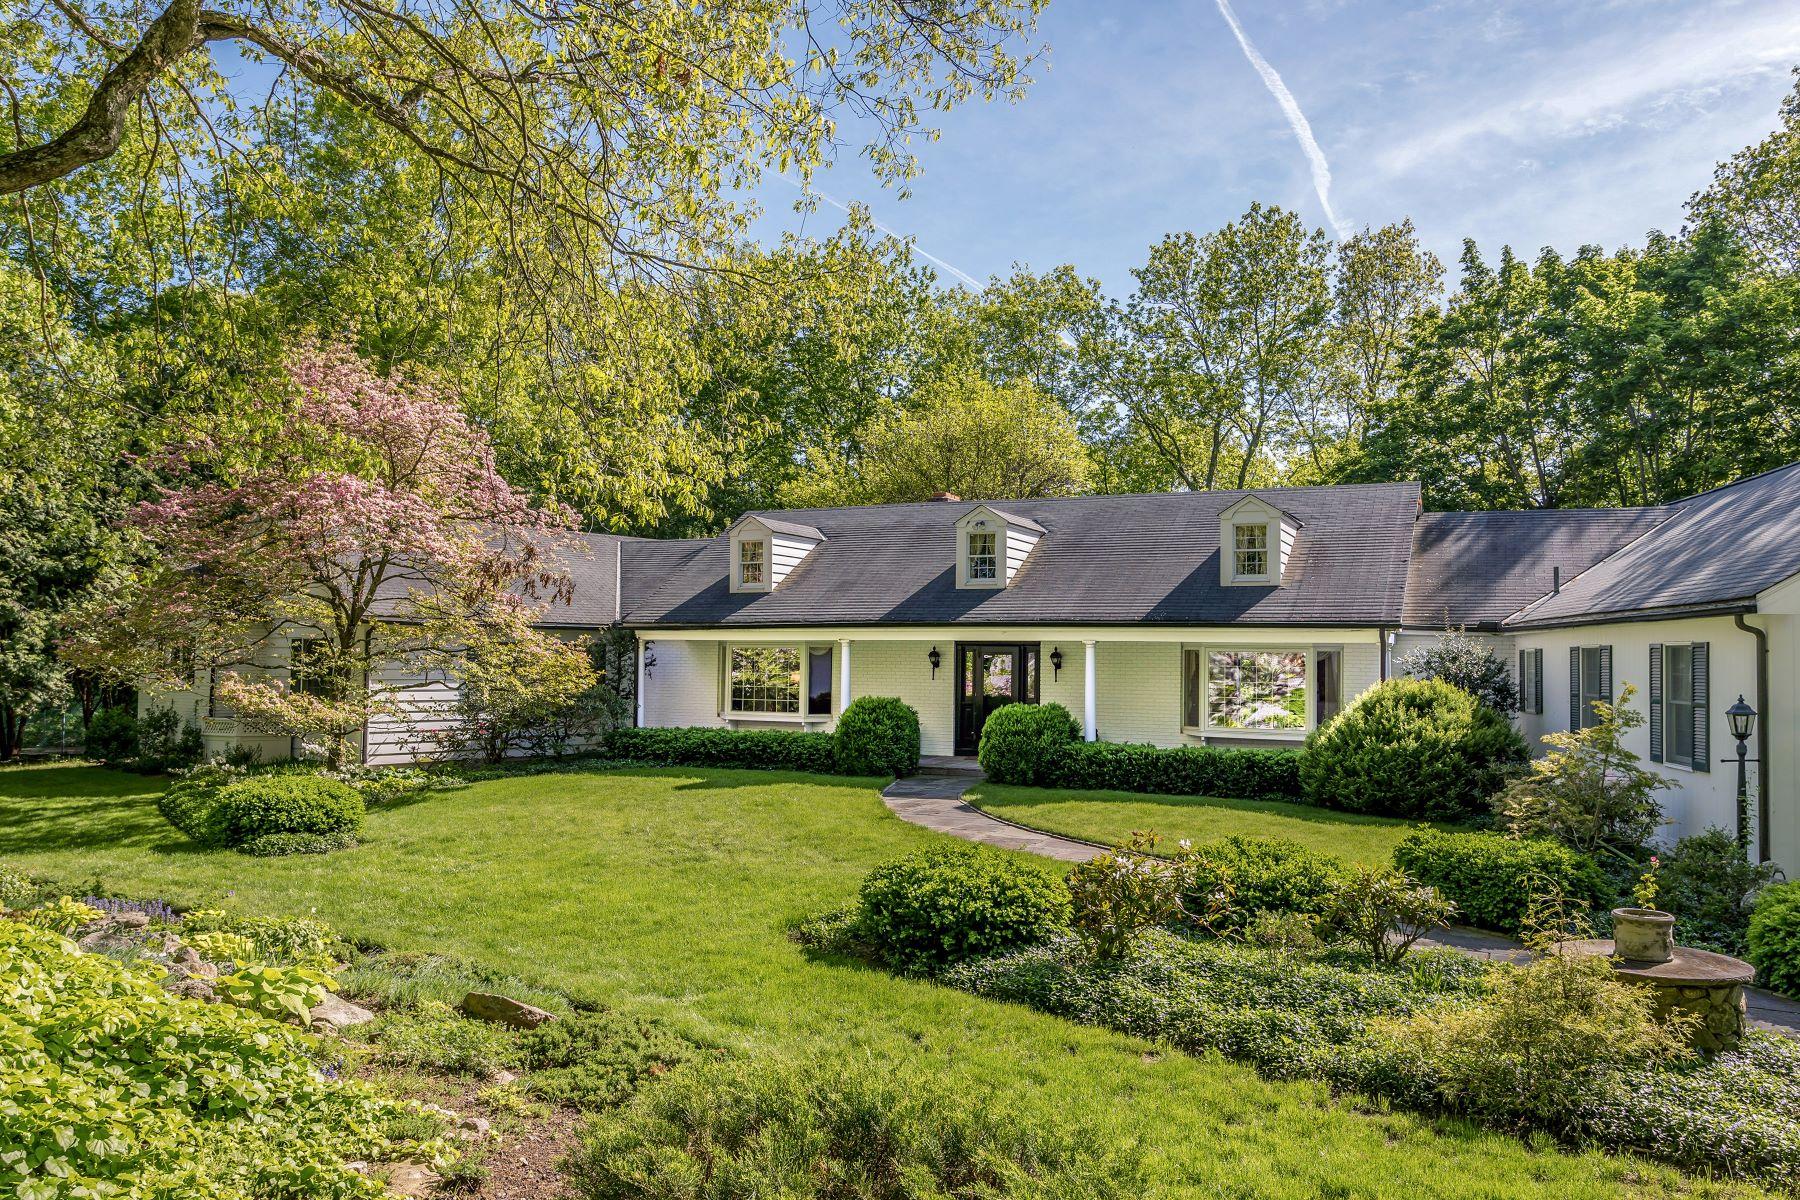 Частный односемейный дом для того Продажа на Peter Pond Estate 32 & 40 Peter Road Woodbury, Коннектикут 06798 Соединенные Штаты